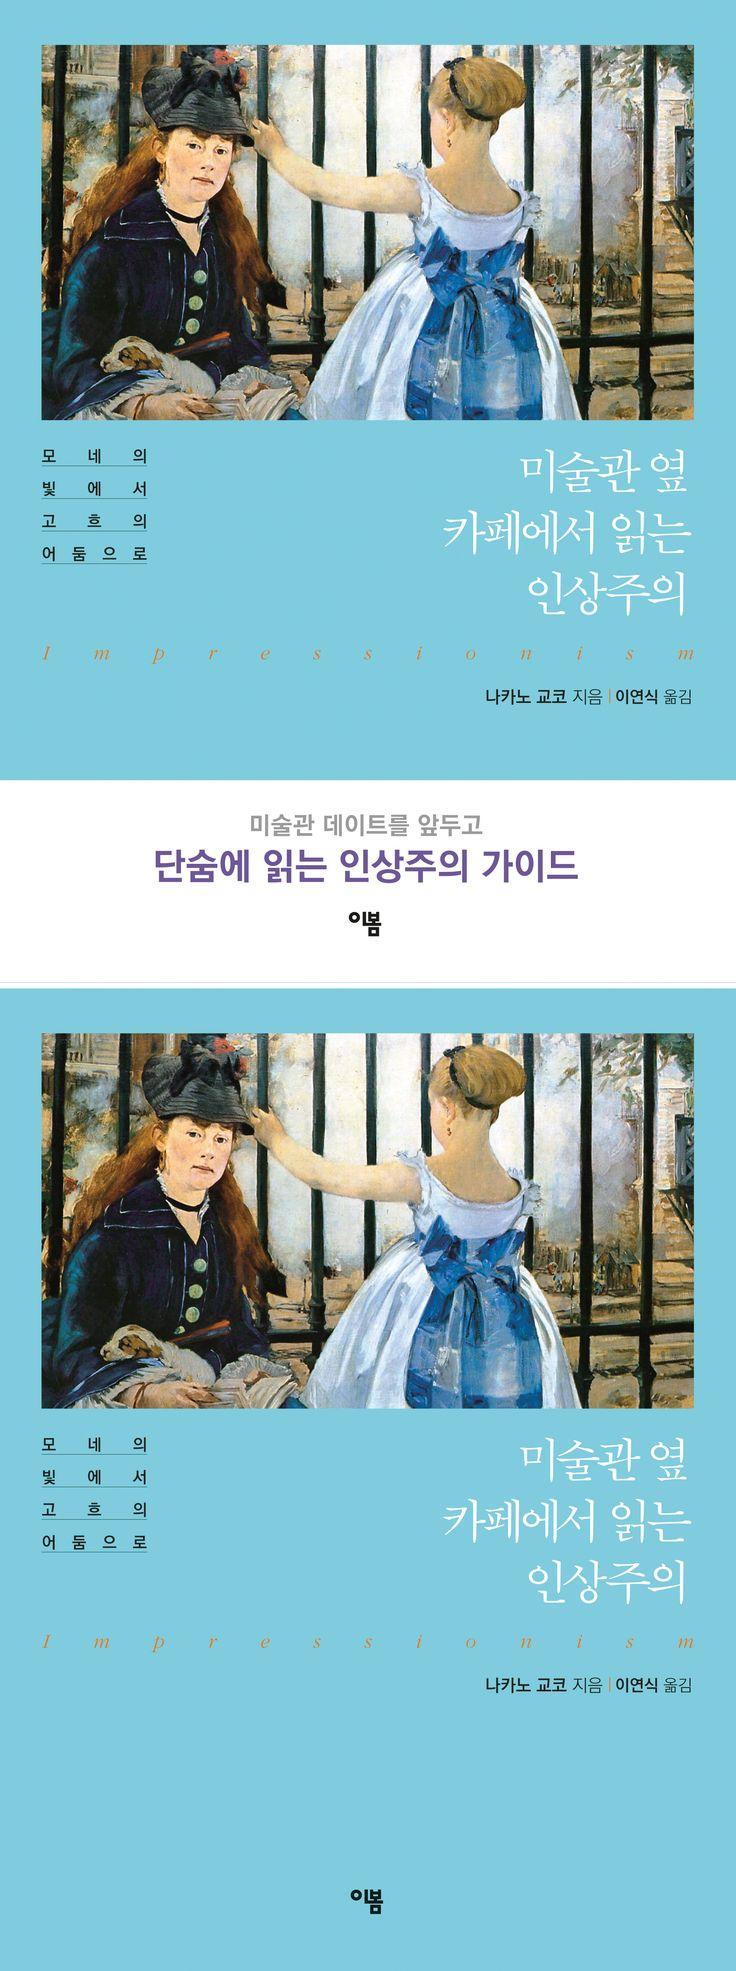 미술관 옆 카페에서 읽는 인상주의 / 나카노 쿄코  book design, cover design